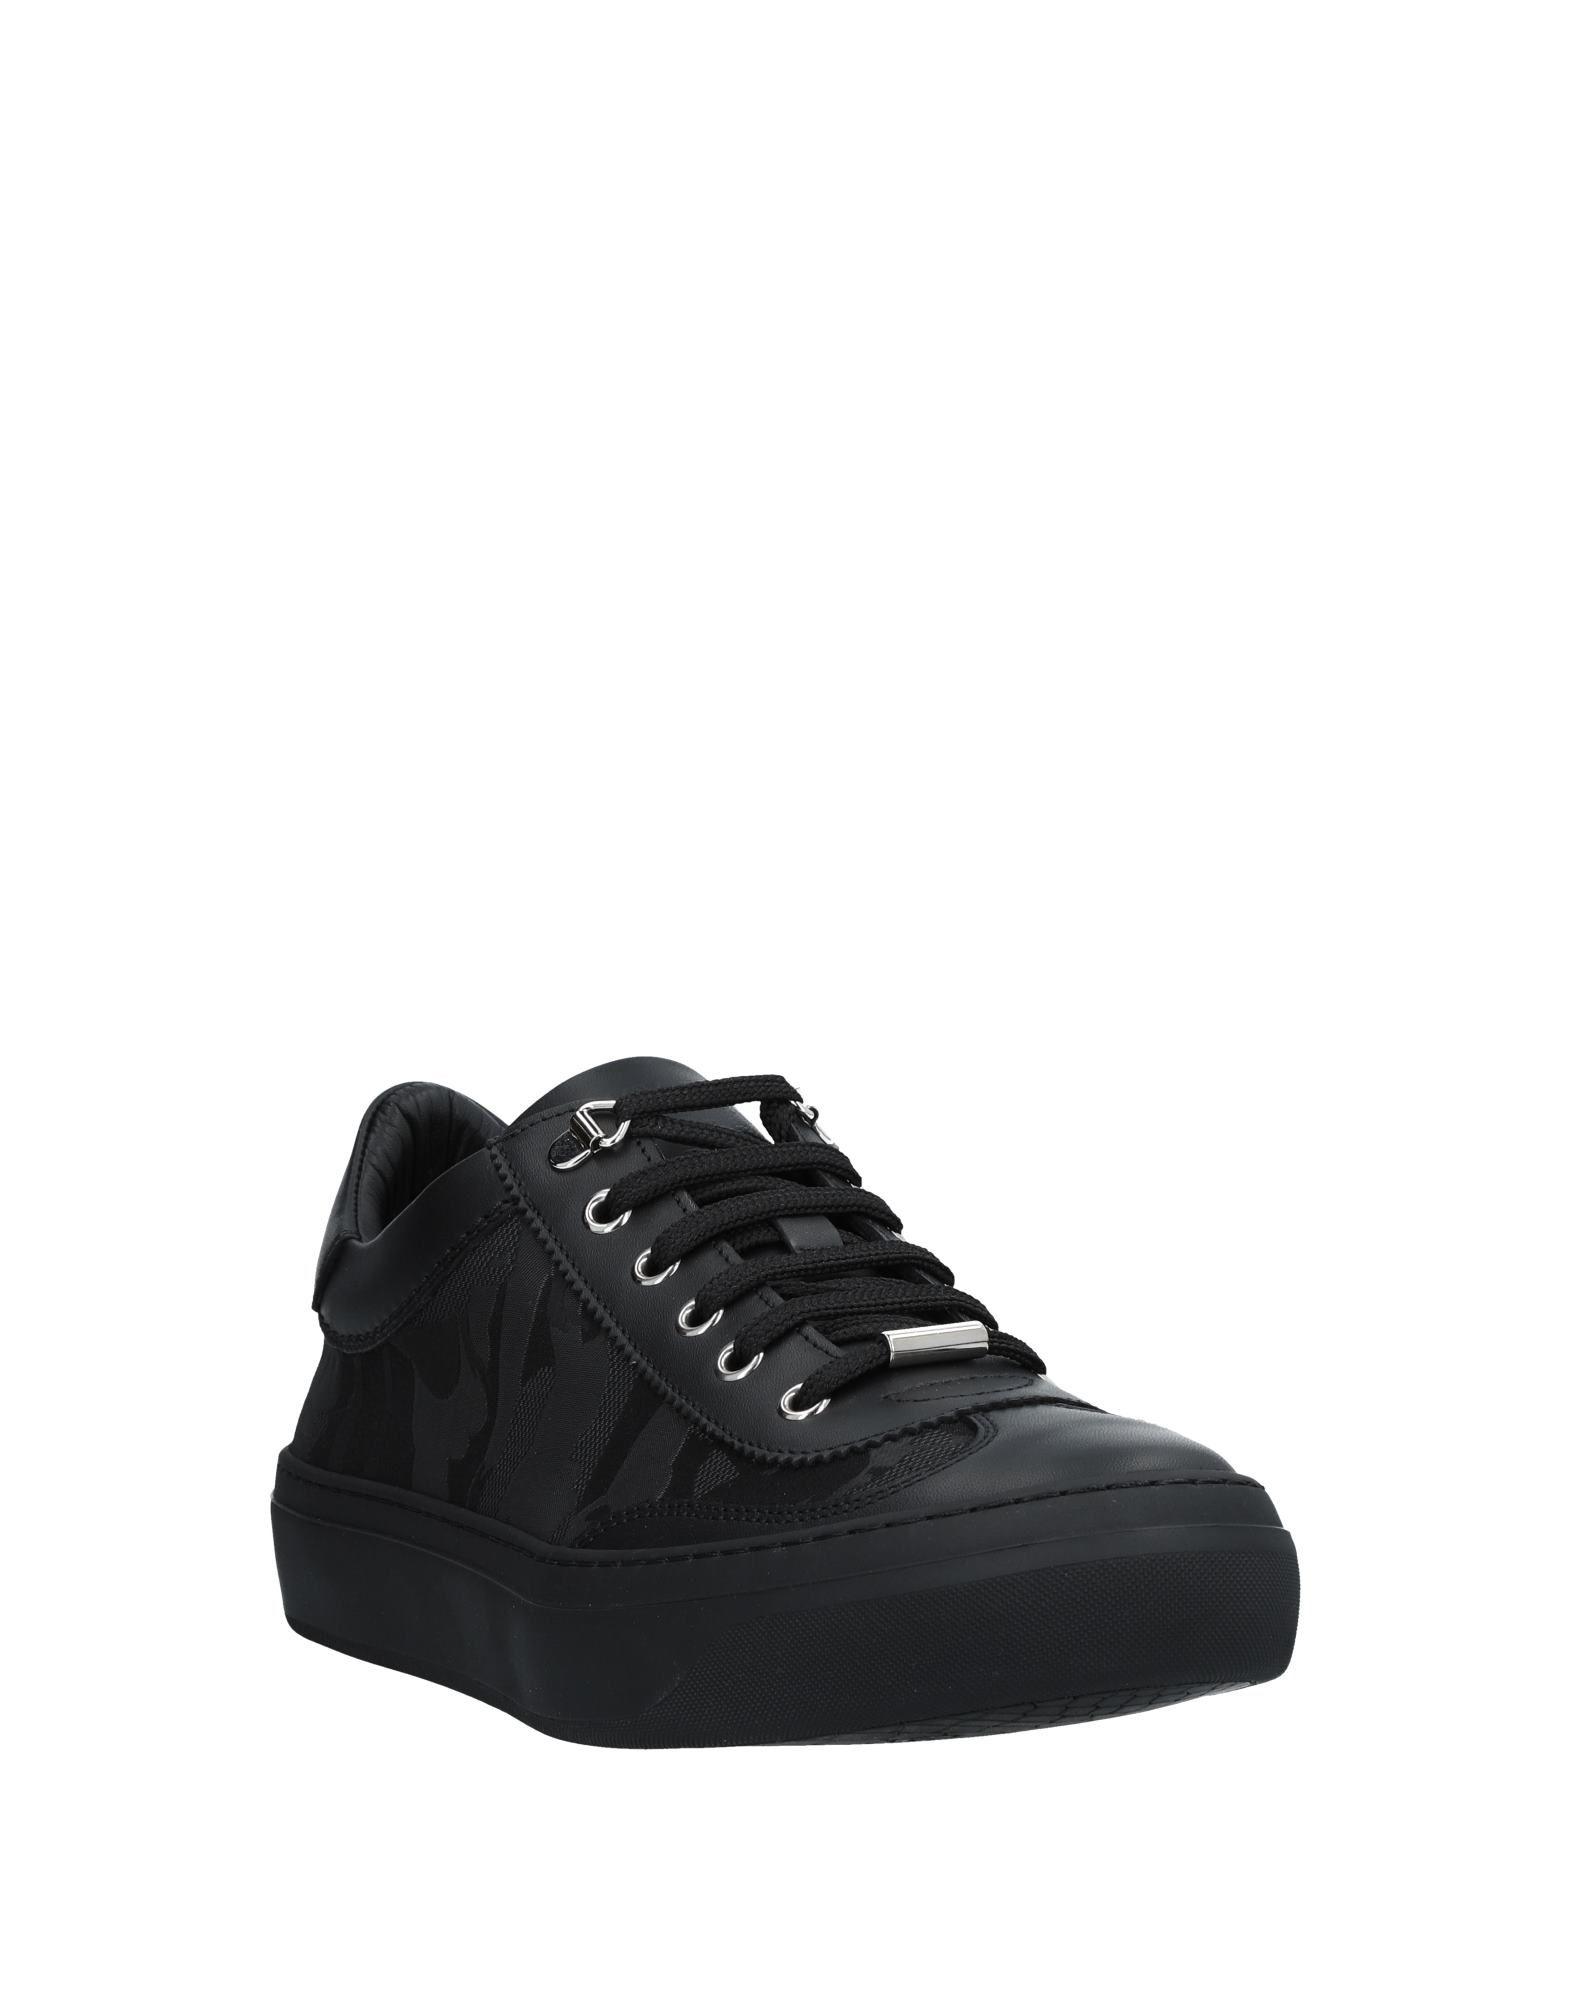 Jimmy Choo Sneakers Herren beliebte  11462829JH Gute Qualität beliebte Herren Schuhe 946496